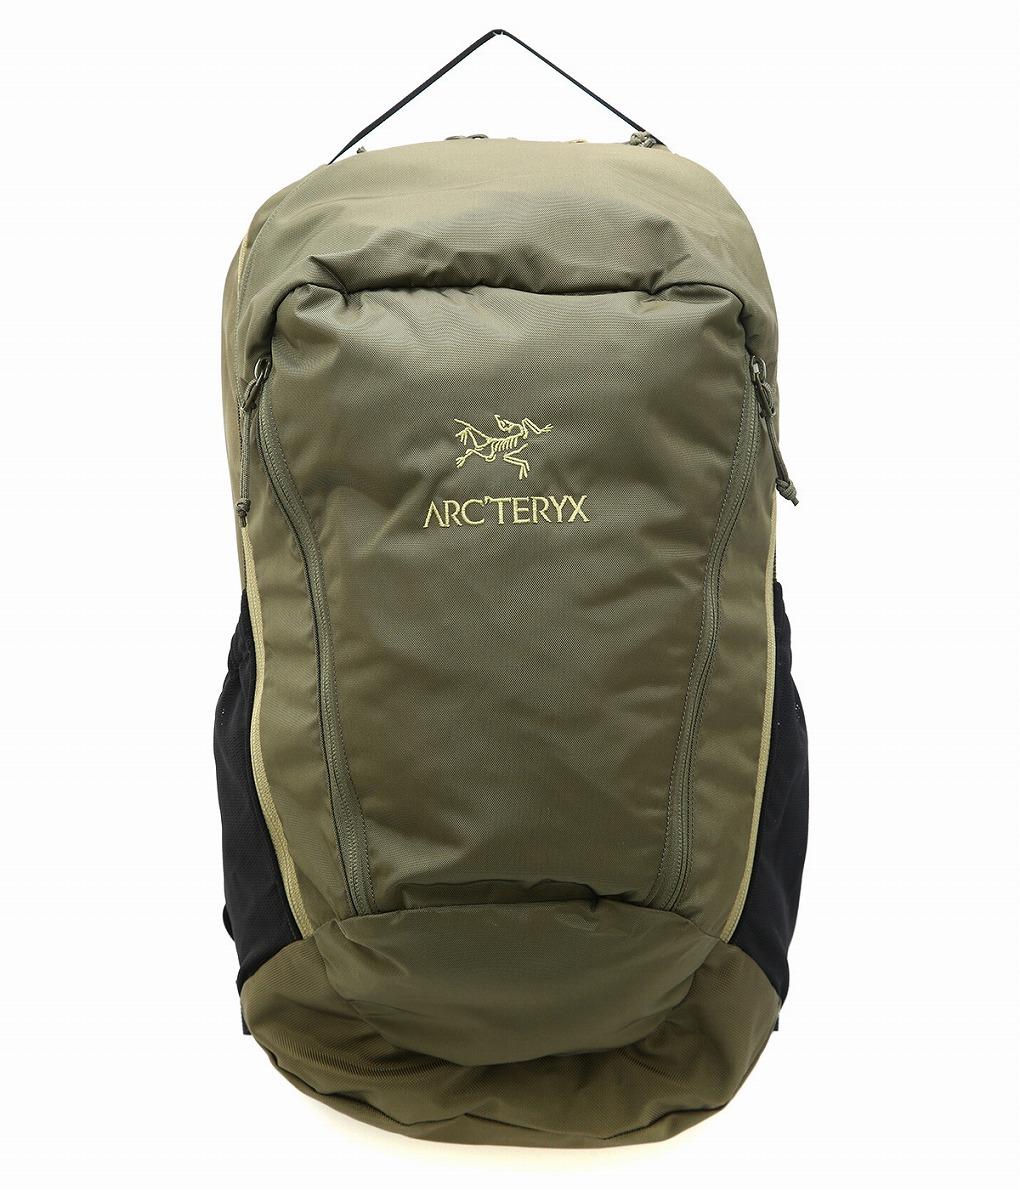 【国内正規品】ARC'TERYX / アークテリクス : Mantis 26L Backpack -Wildwood- : マンティス 26L バッグパック アークテリクス メンズ : L07258300 【STD】